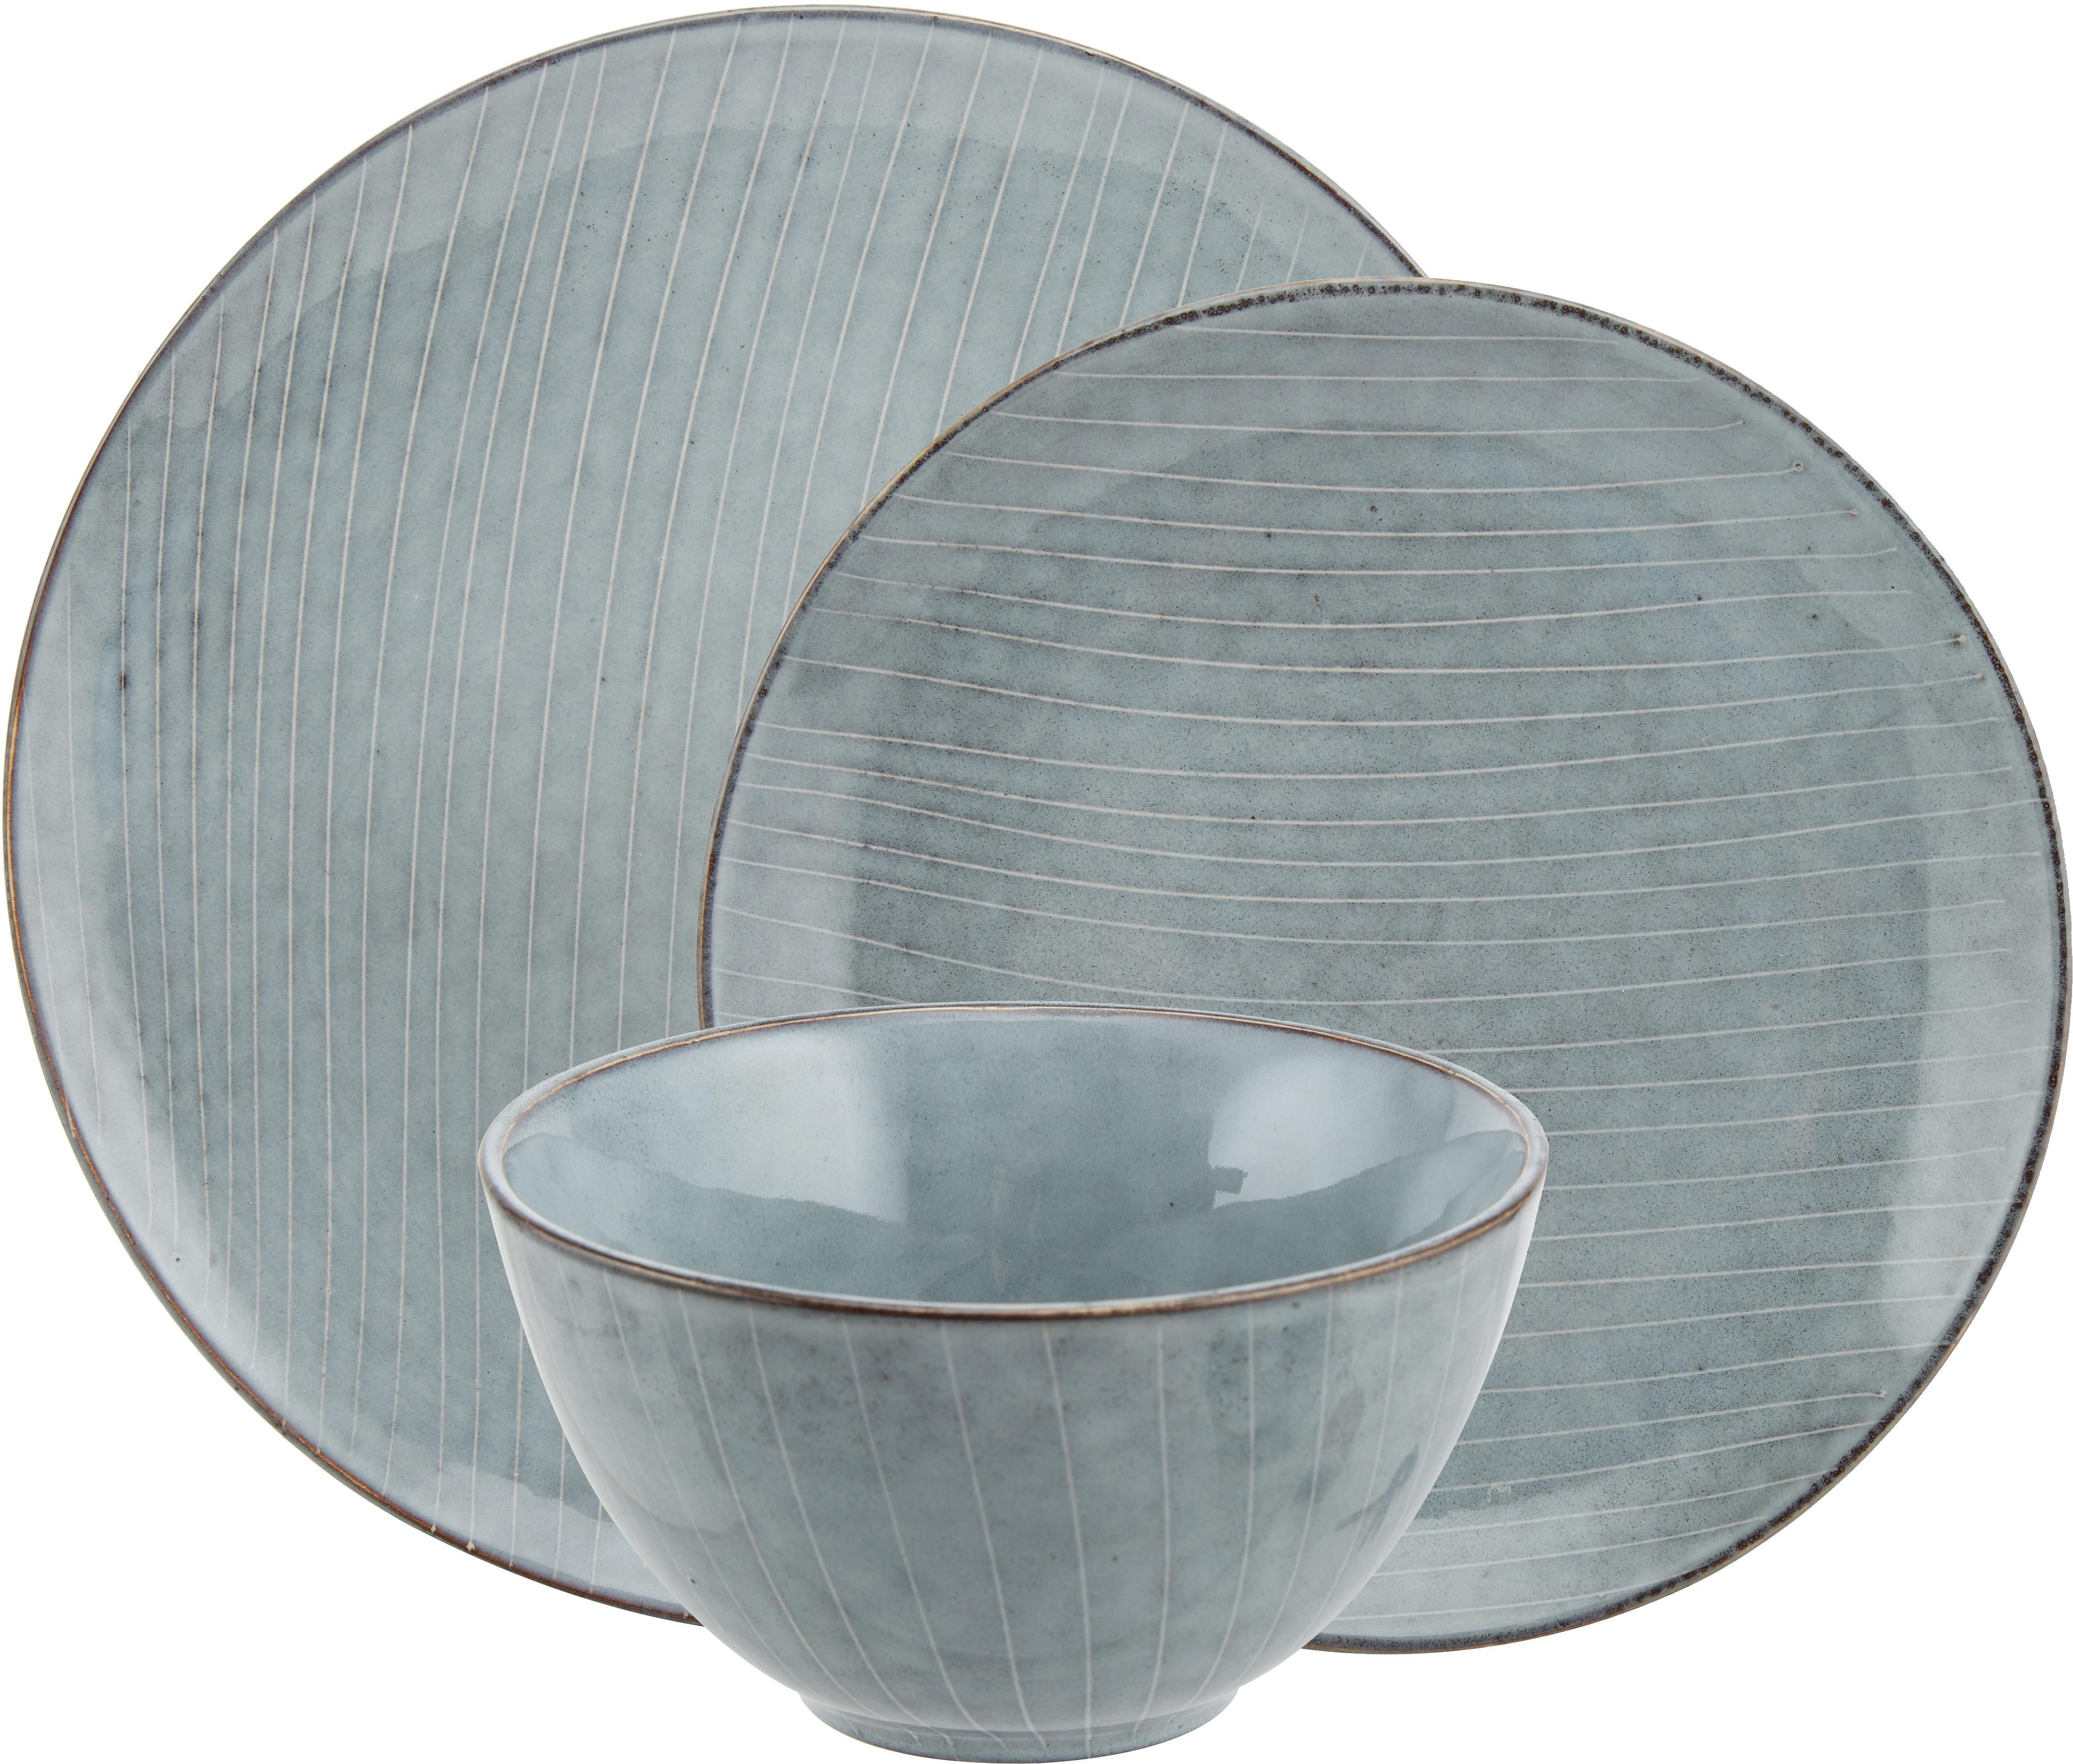 Vajilla artesanal Nordic Sea, 4comensales (12pzas.), Gres, Tonos grises y azules, Tamaños diferentes